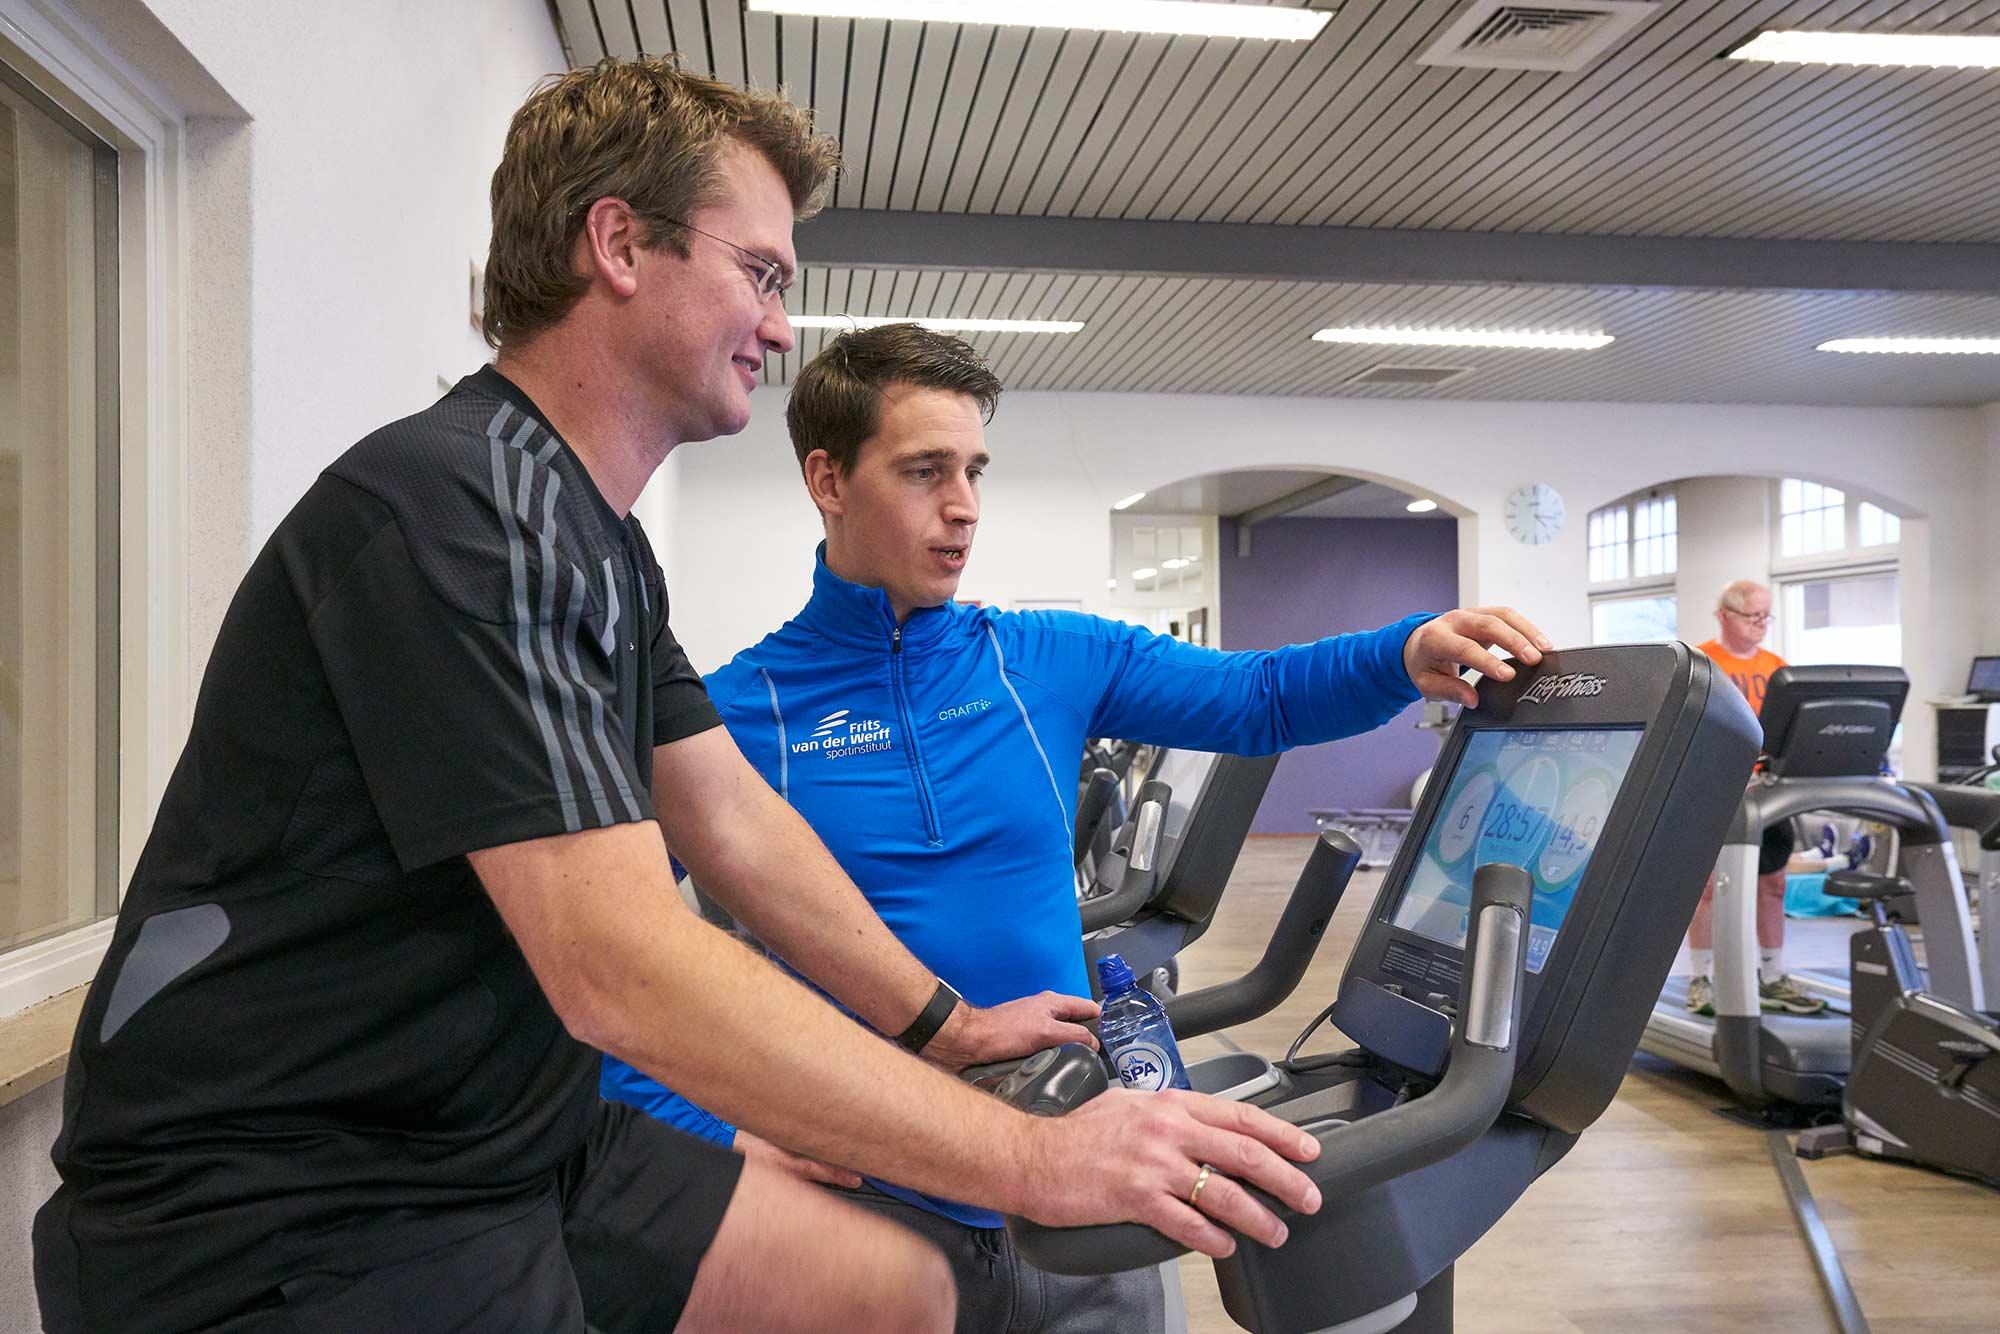 Fitness in Hoorn fitnesscoach instructie frits van der werff